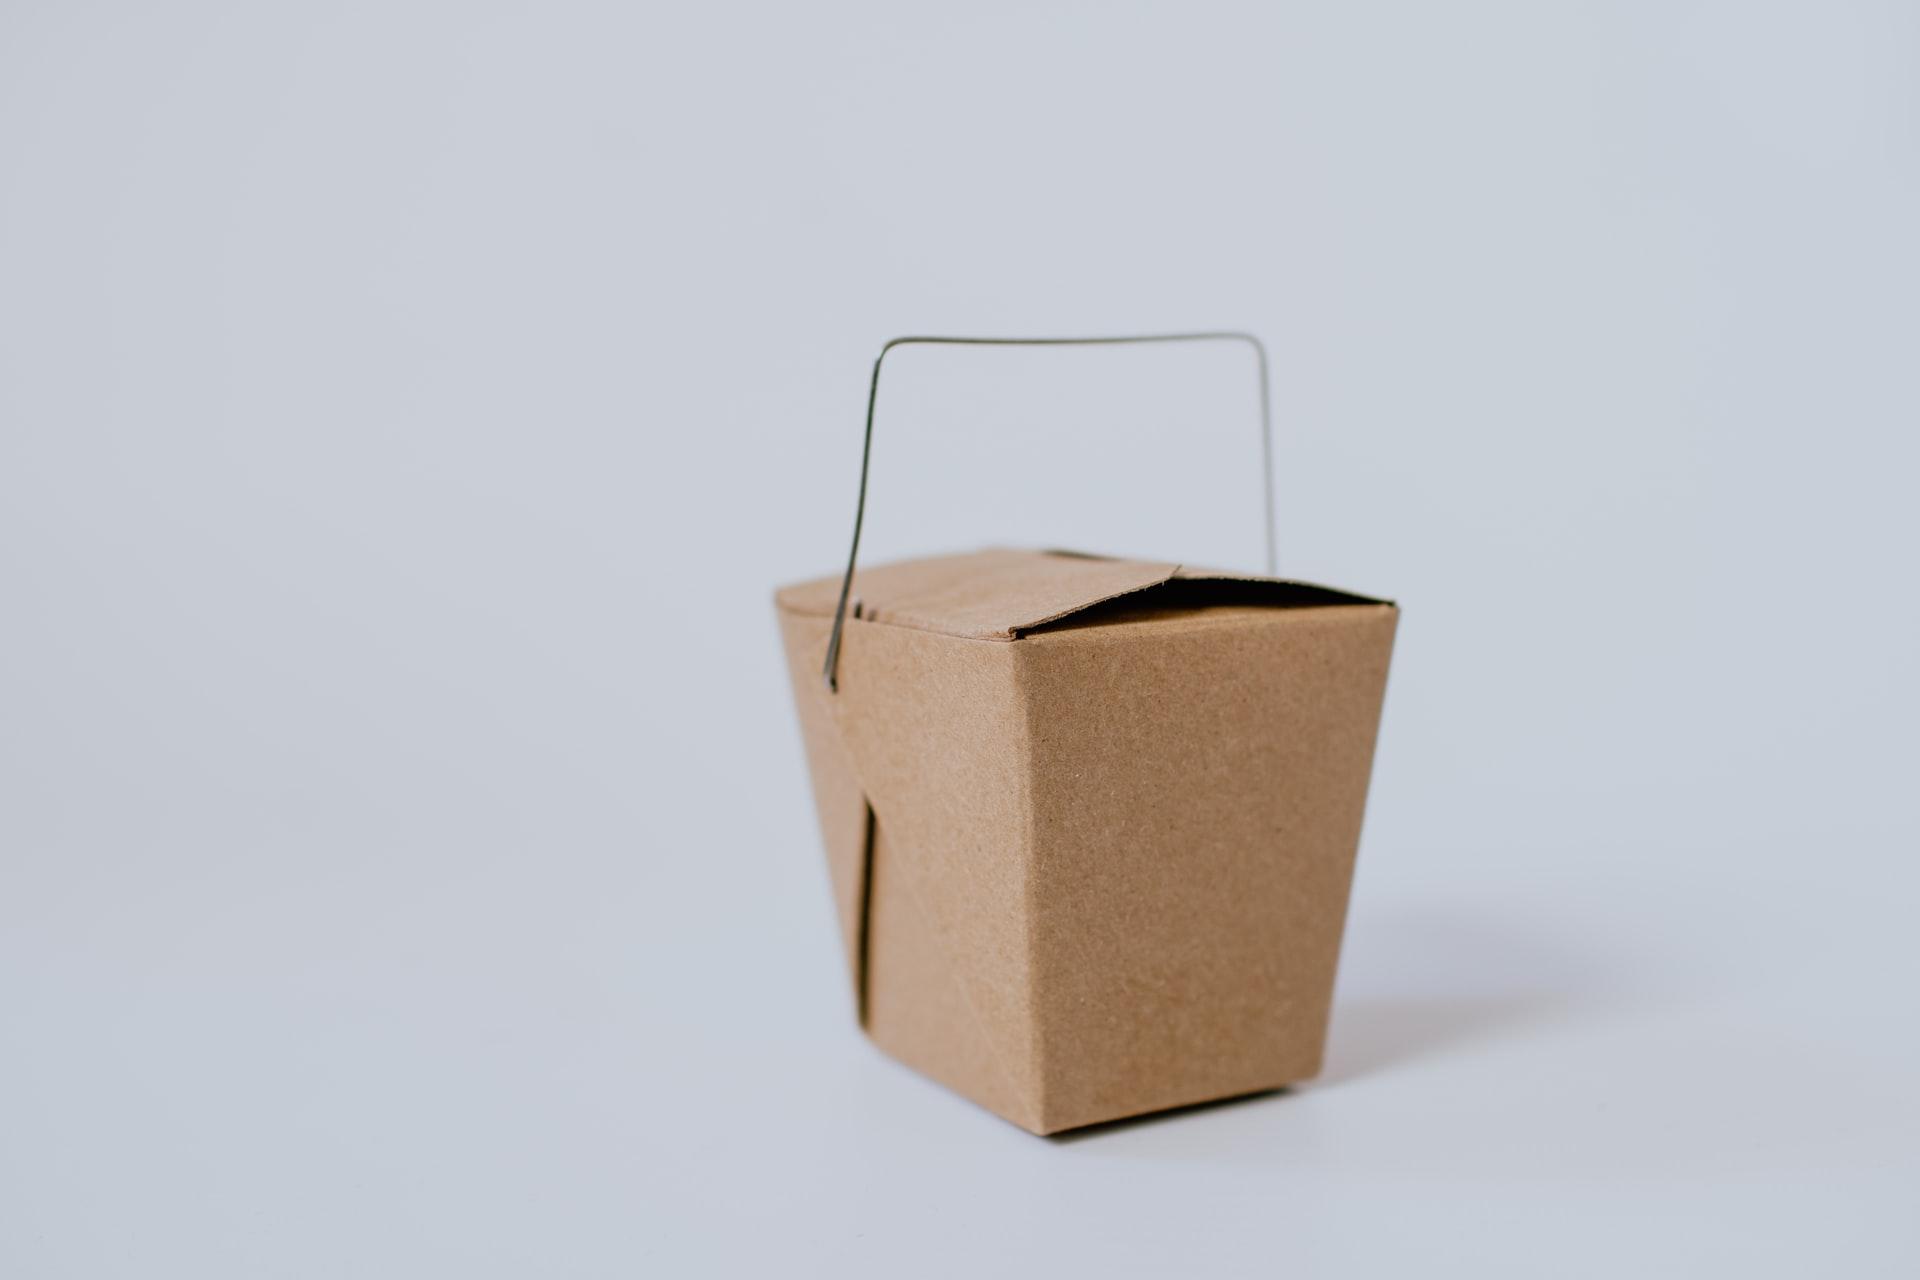 small chinese takeout box